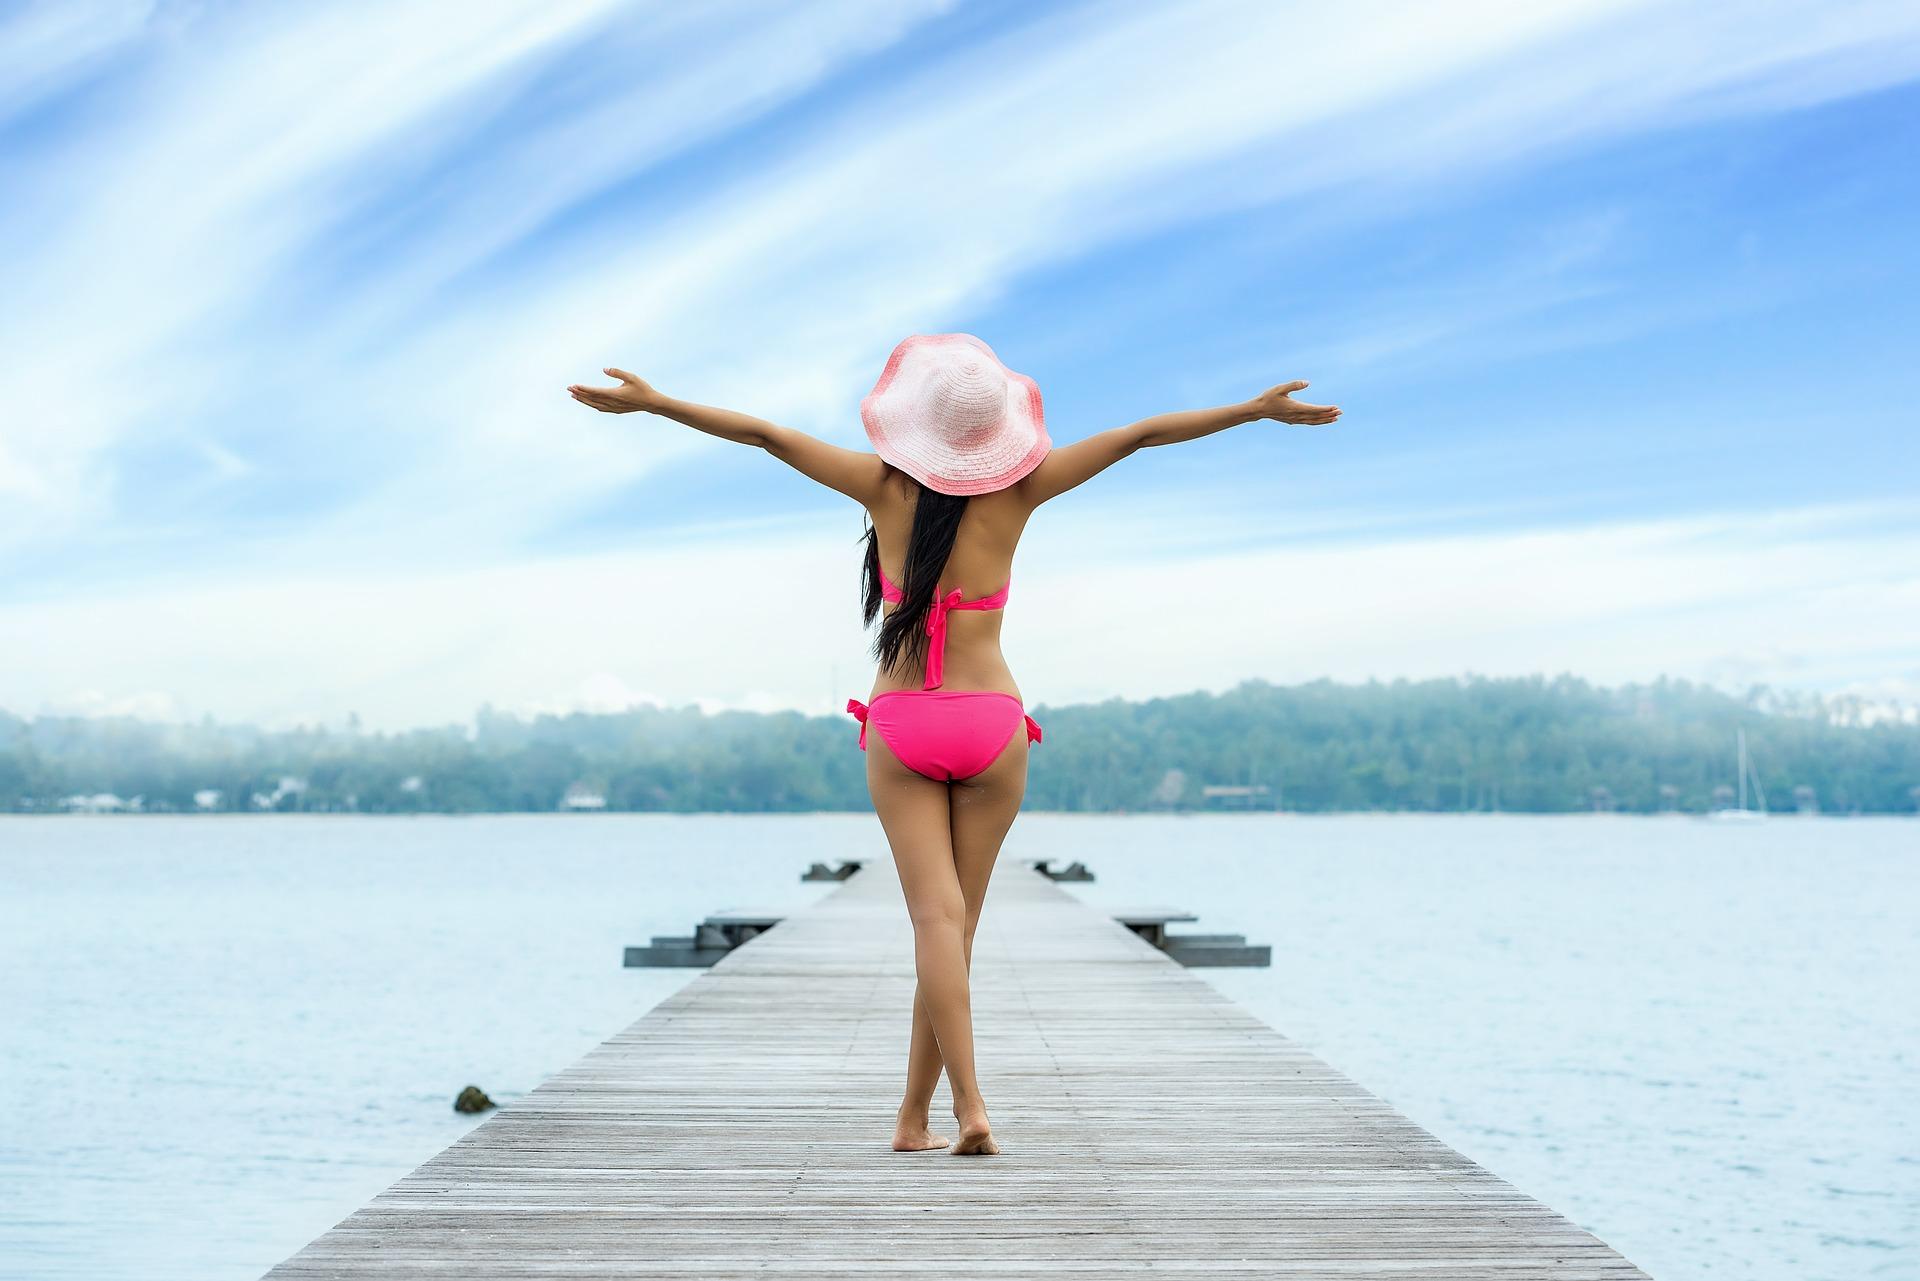 Drømmen om sol og varme kan friste deg til å gjøre en tabbe. Foto: Pixabay/Thetravelinspector